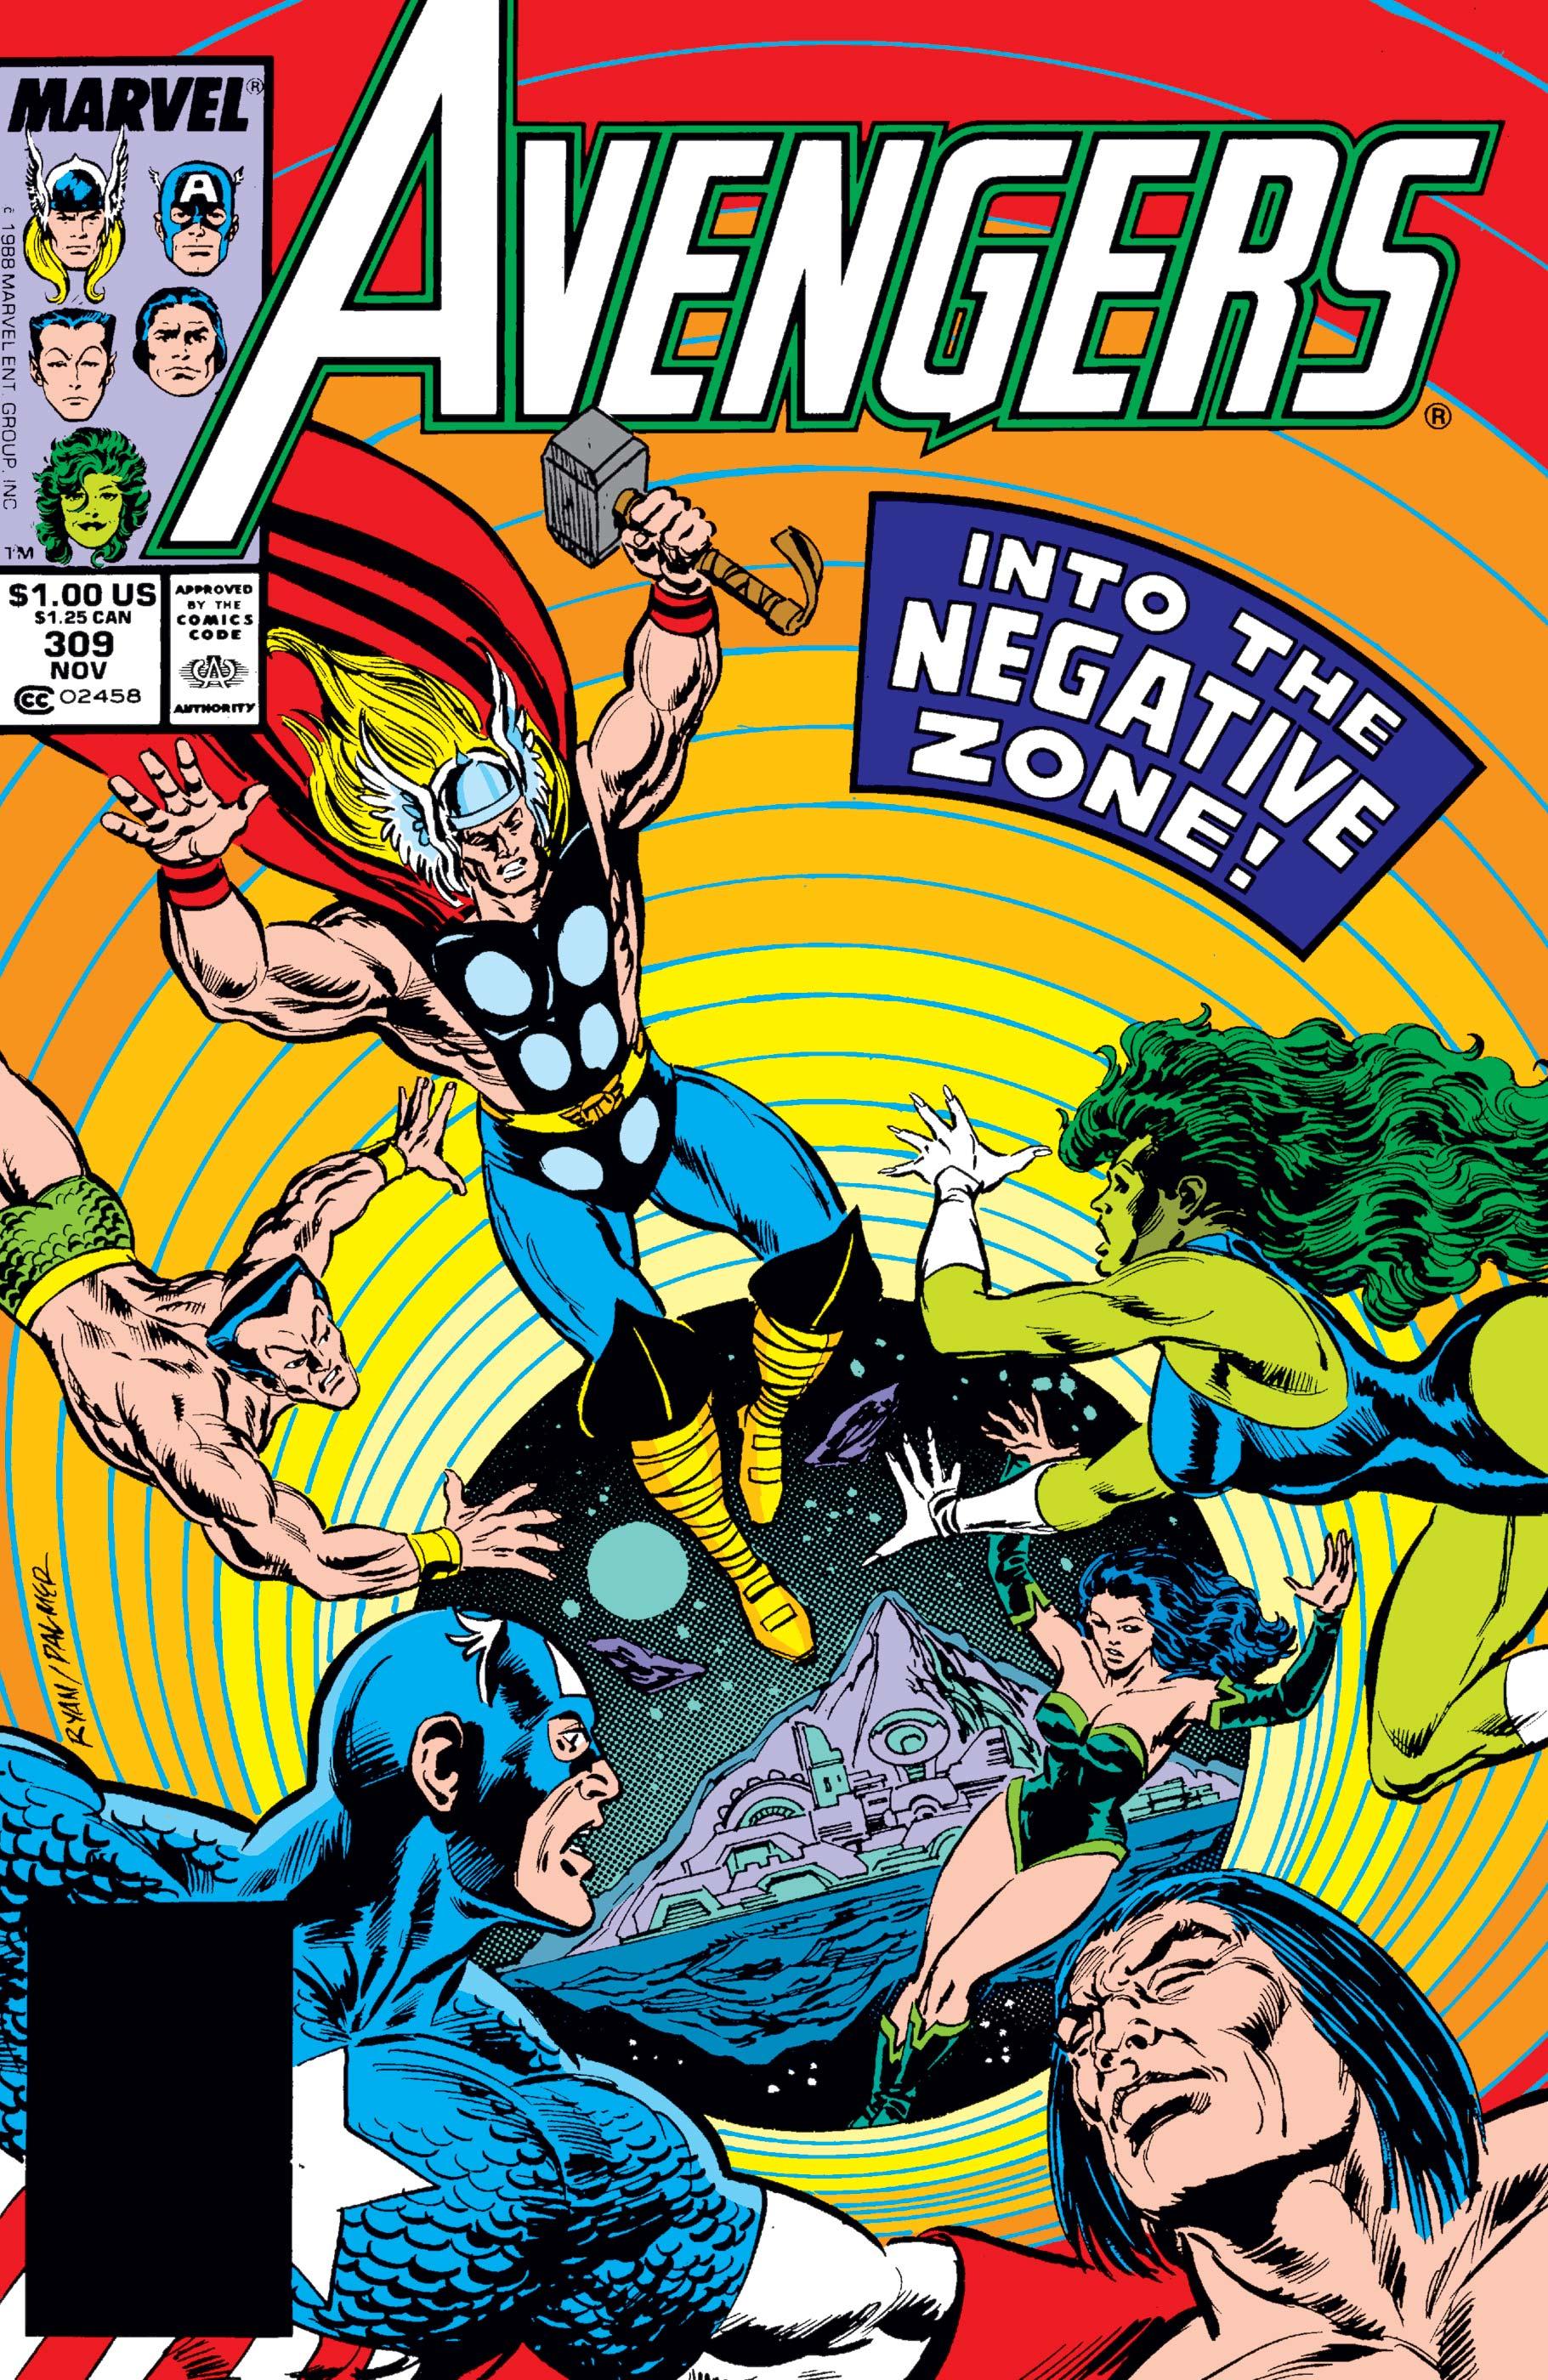 Avengers (1963) #309